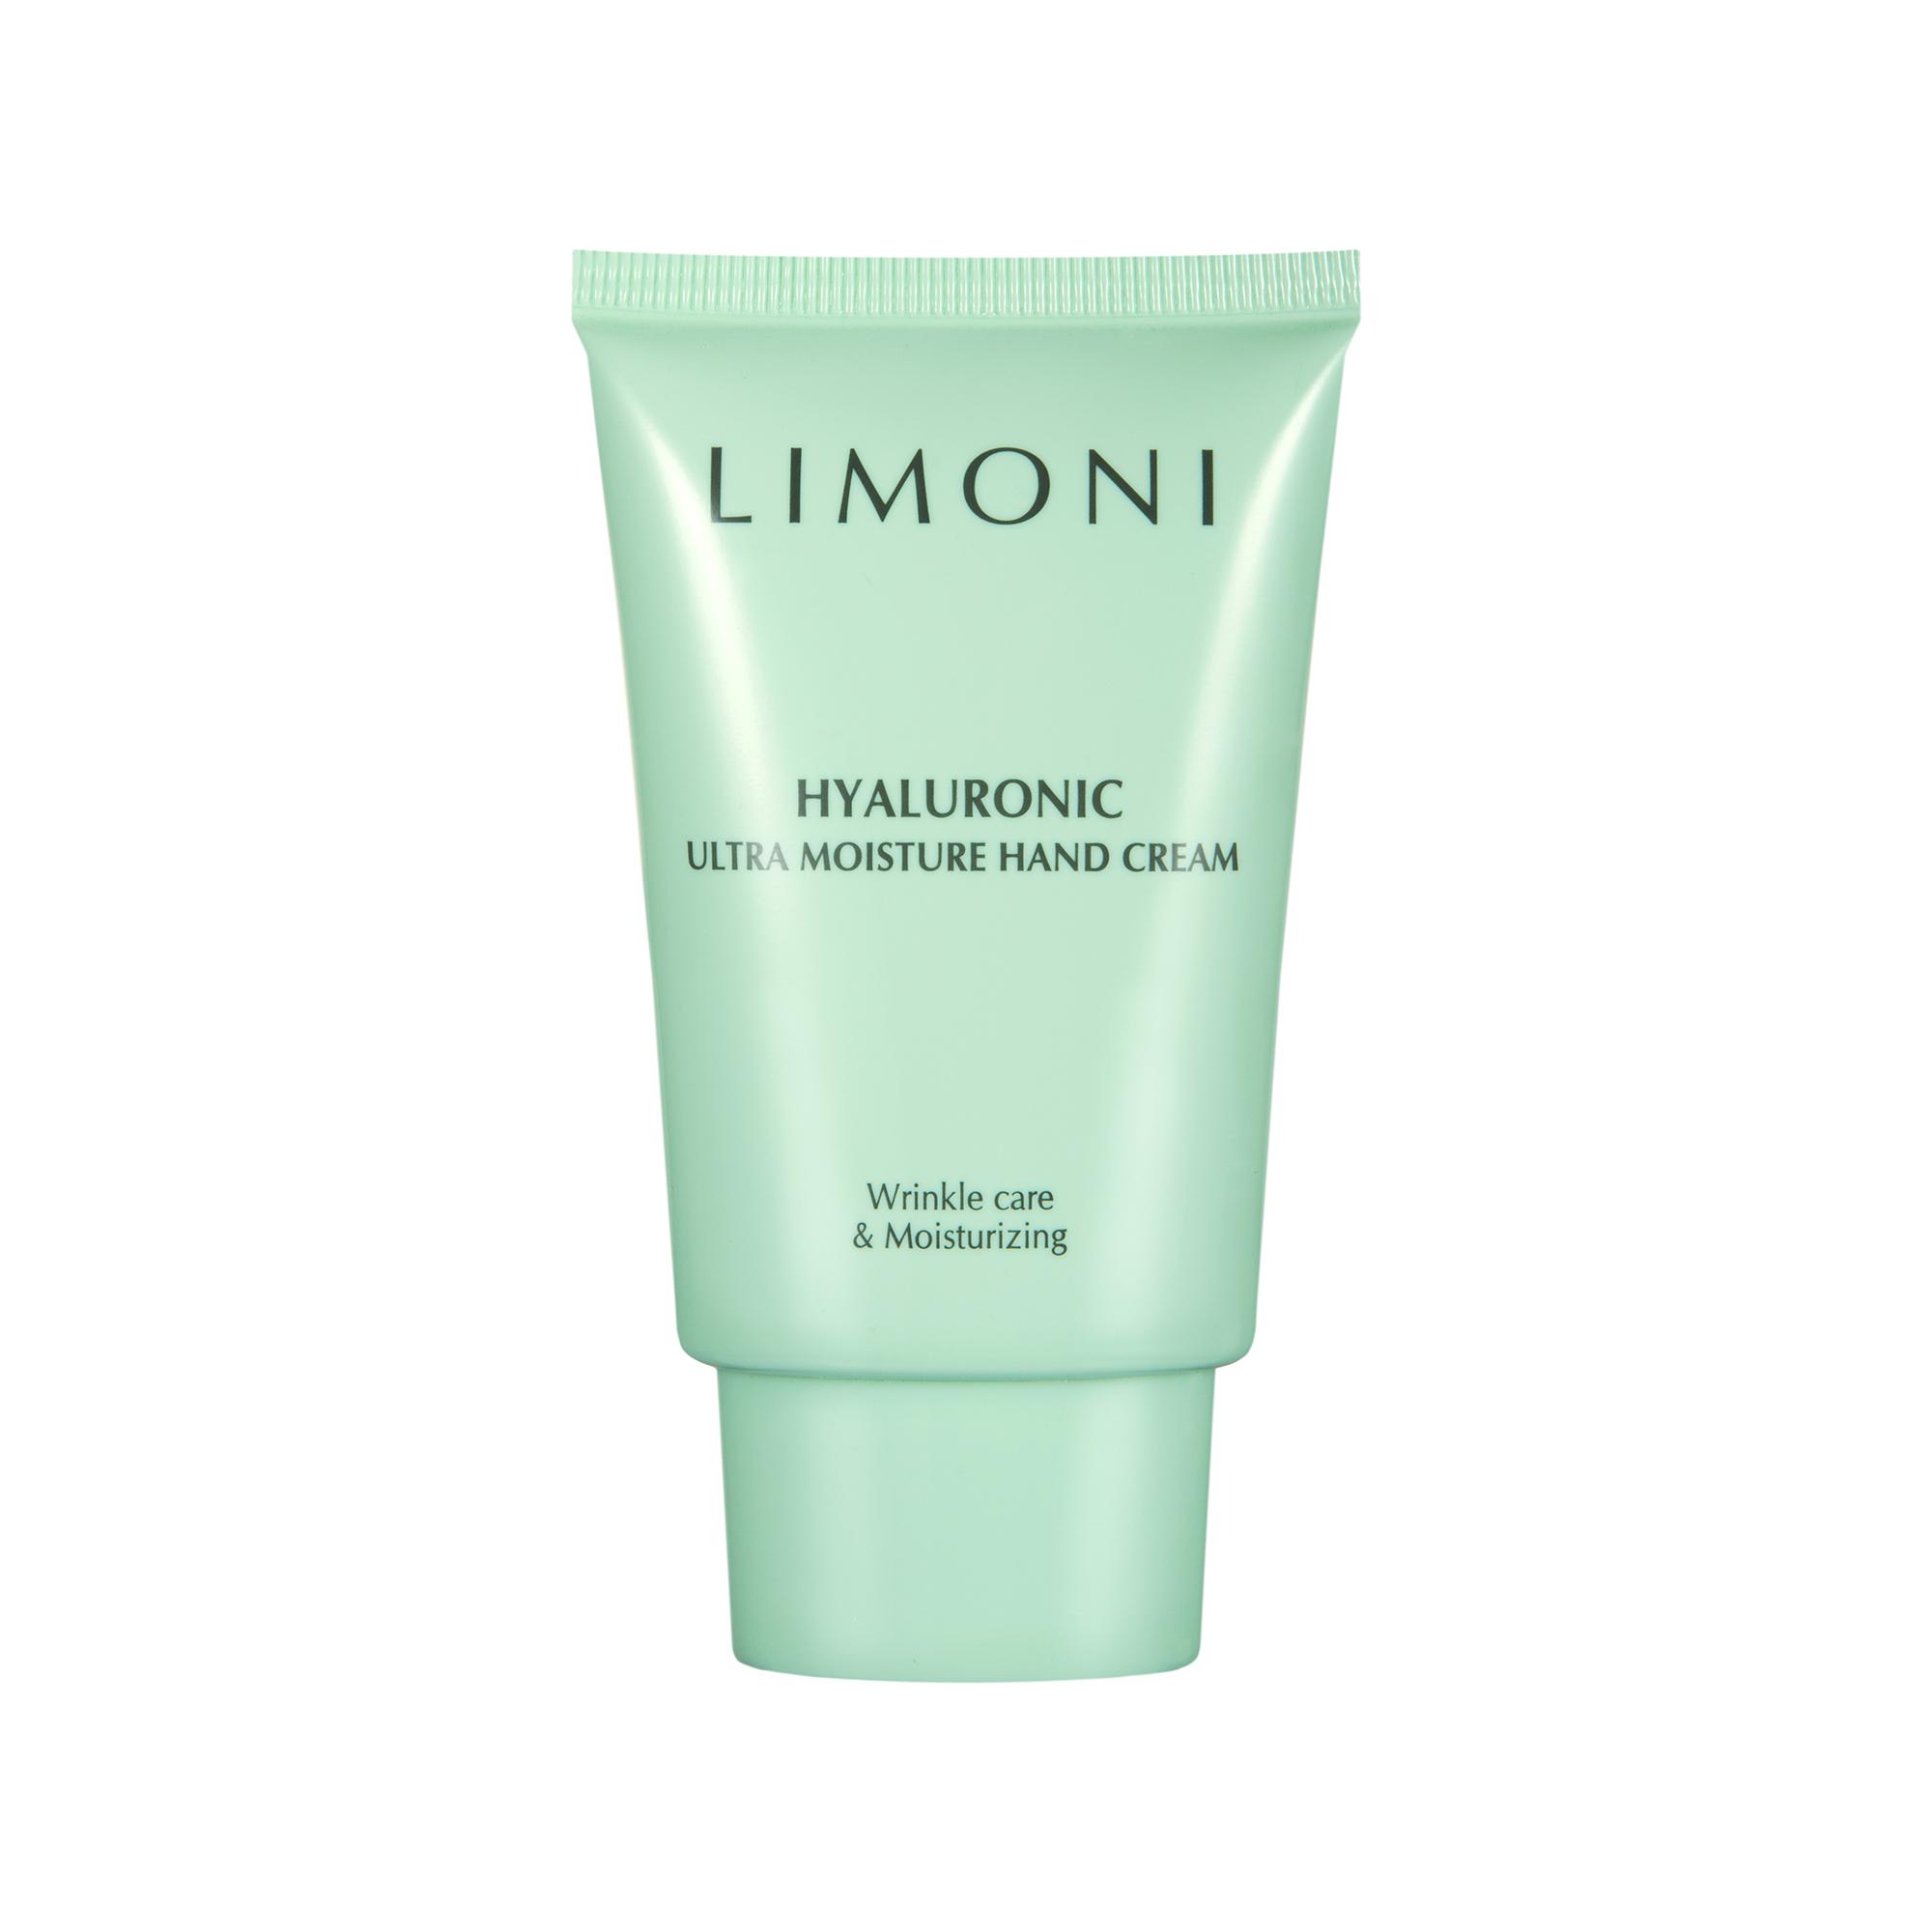 Купить LIMONI Крем с гиалуроновой кислотой для рук / Hyaluronic Ultra Moisture Hand Cream 50 мл